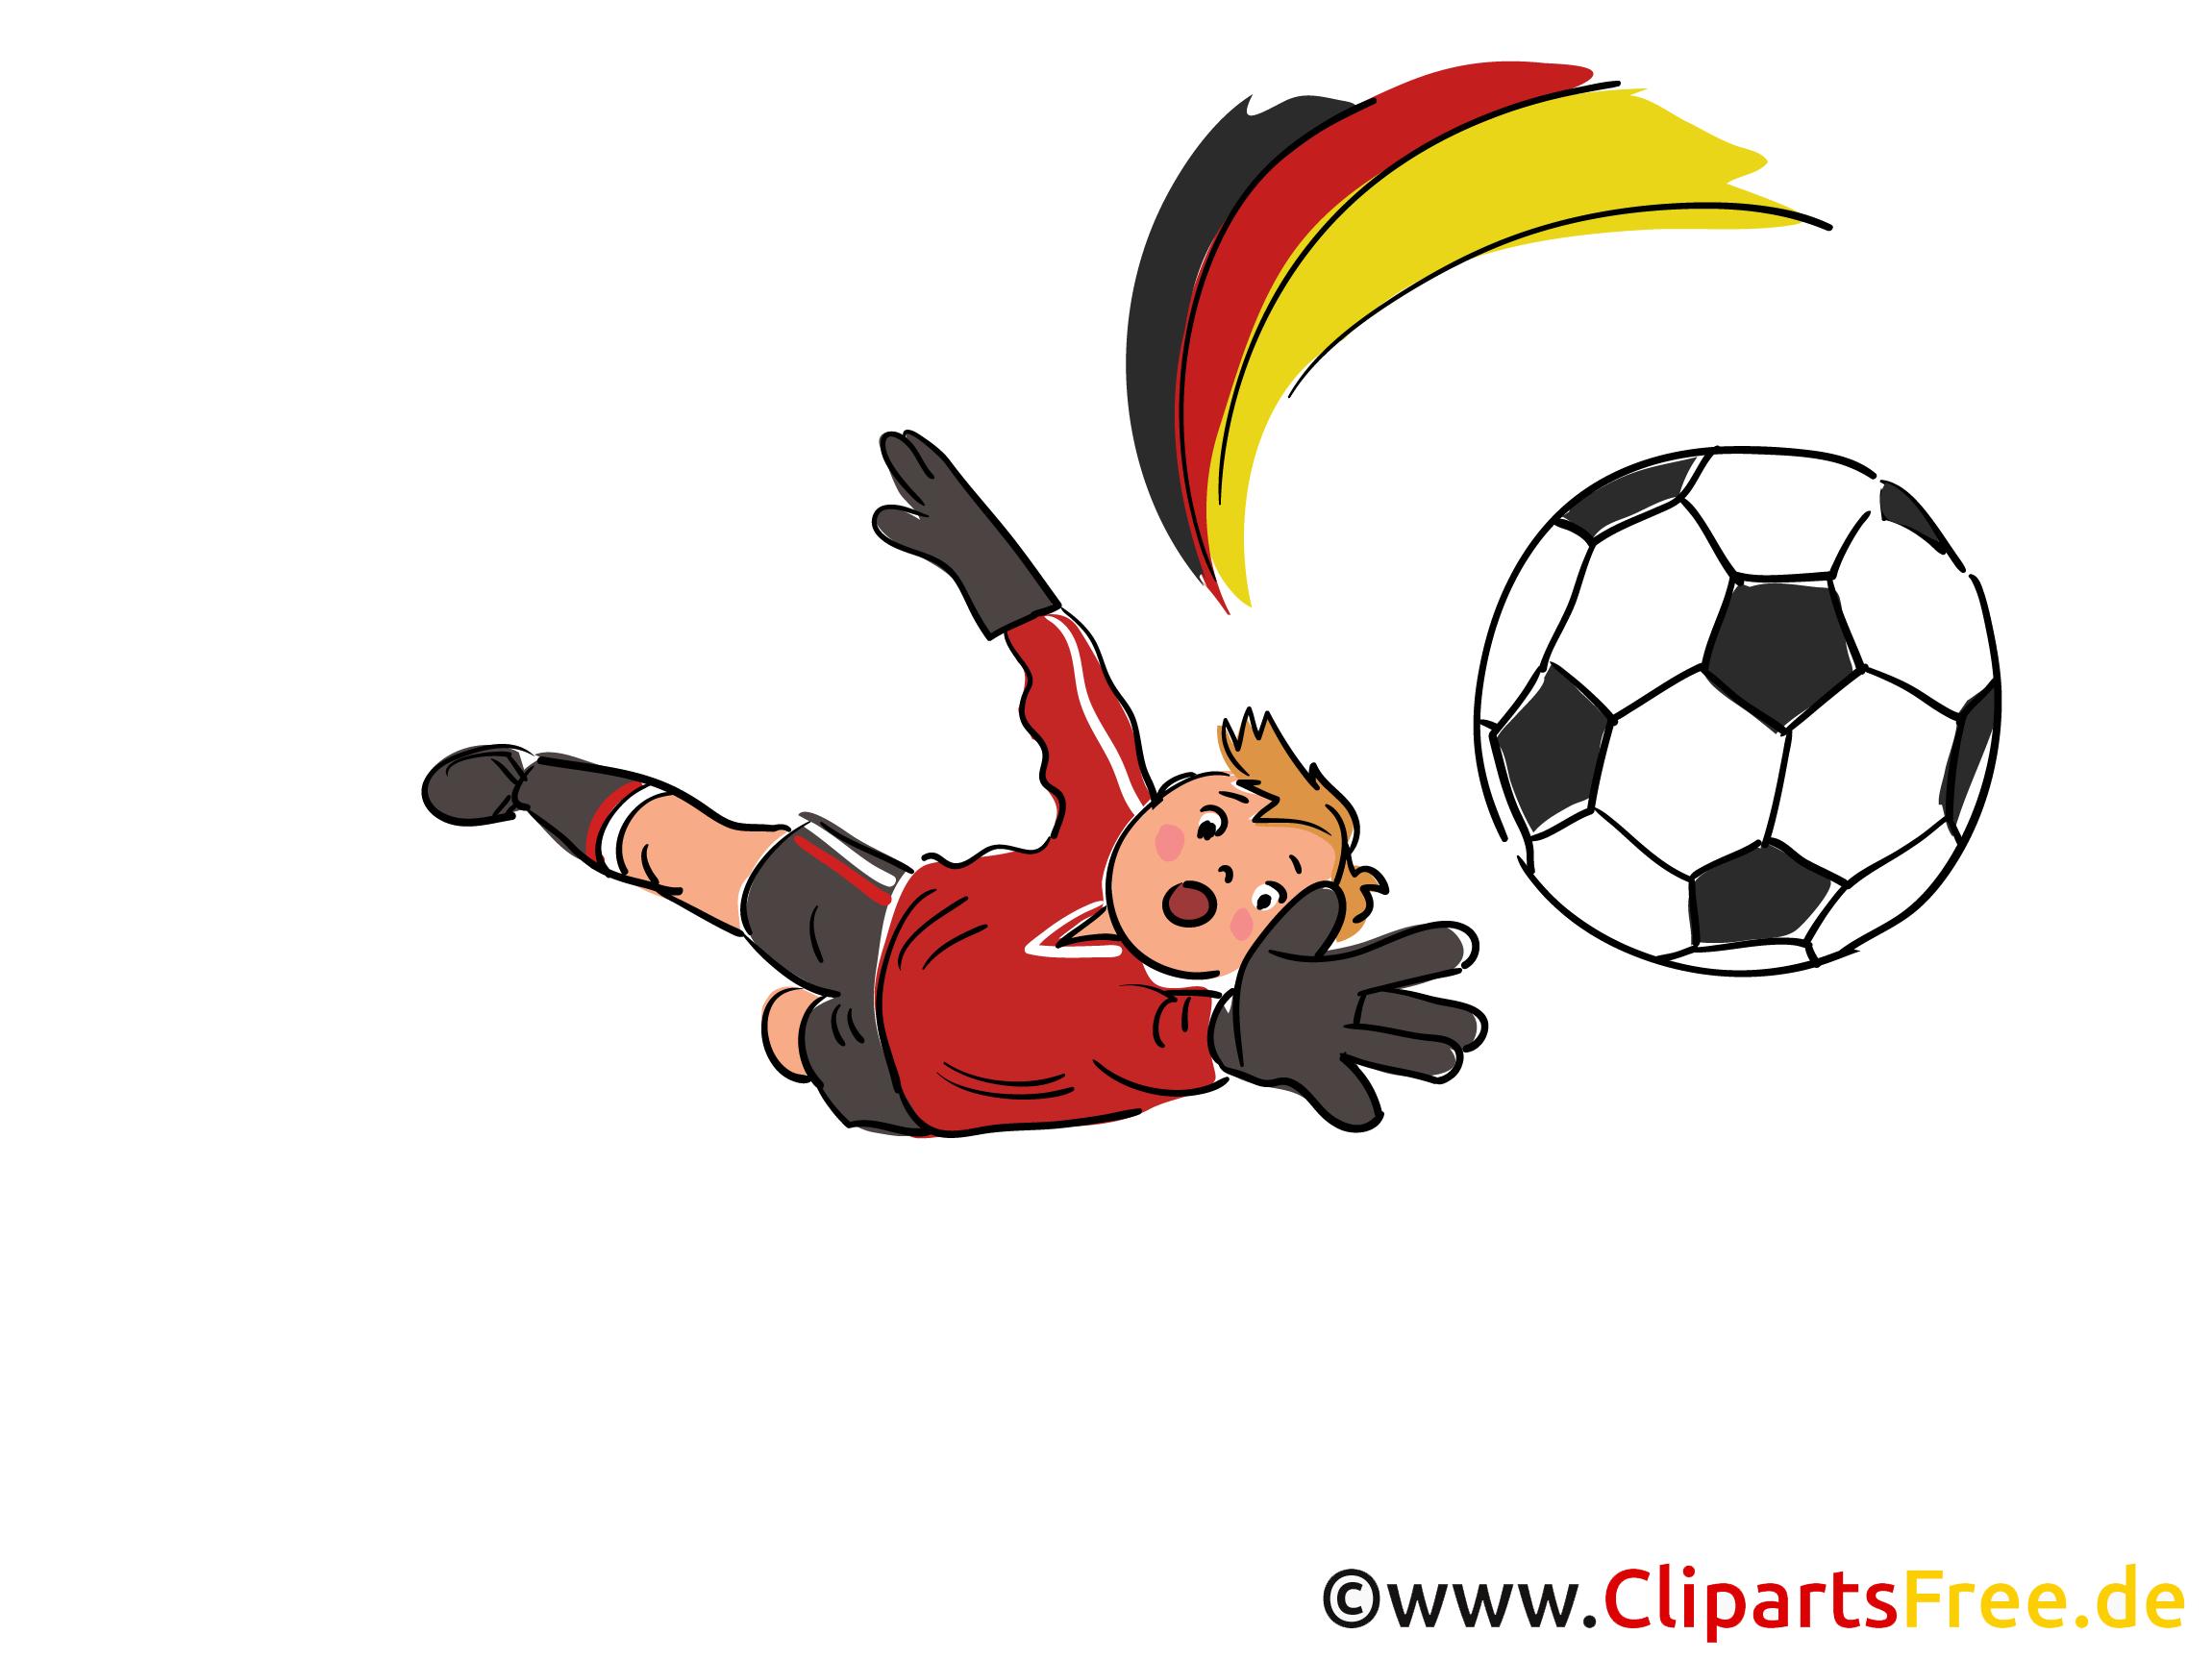 Fußballspiel Clipart, Bilder, Grafiken, Cartoons